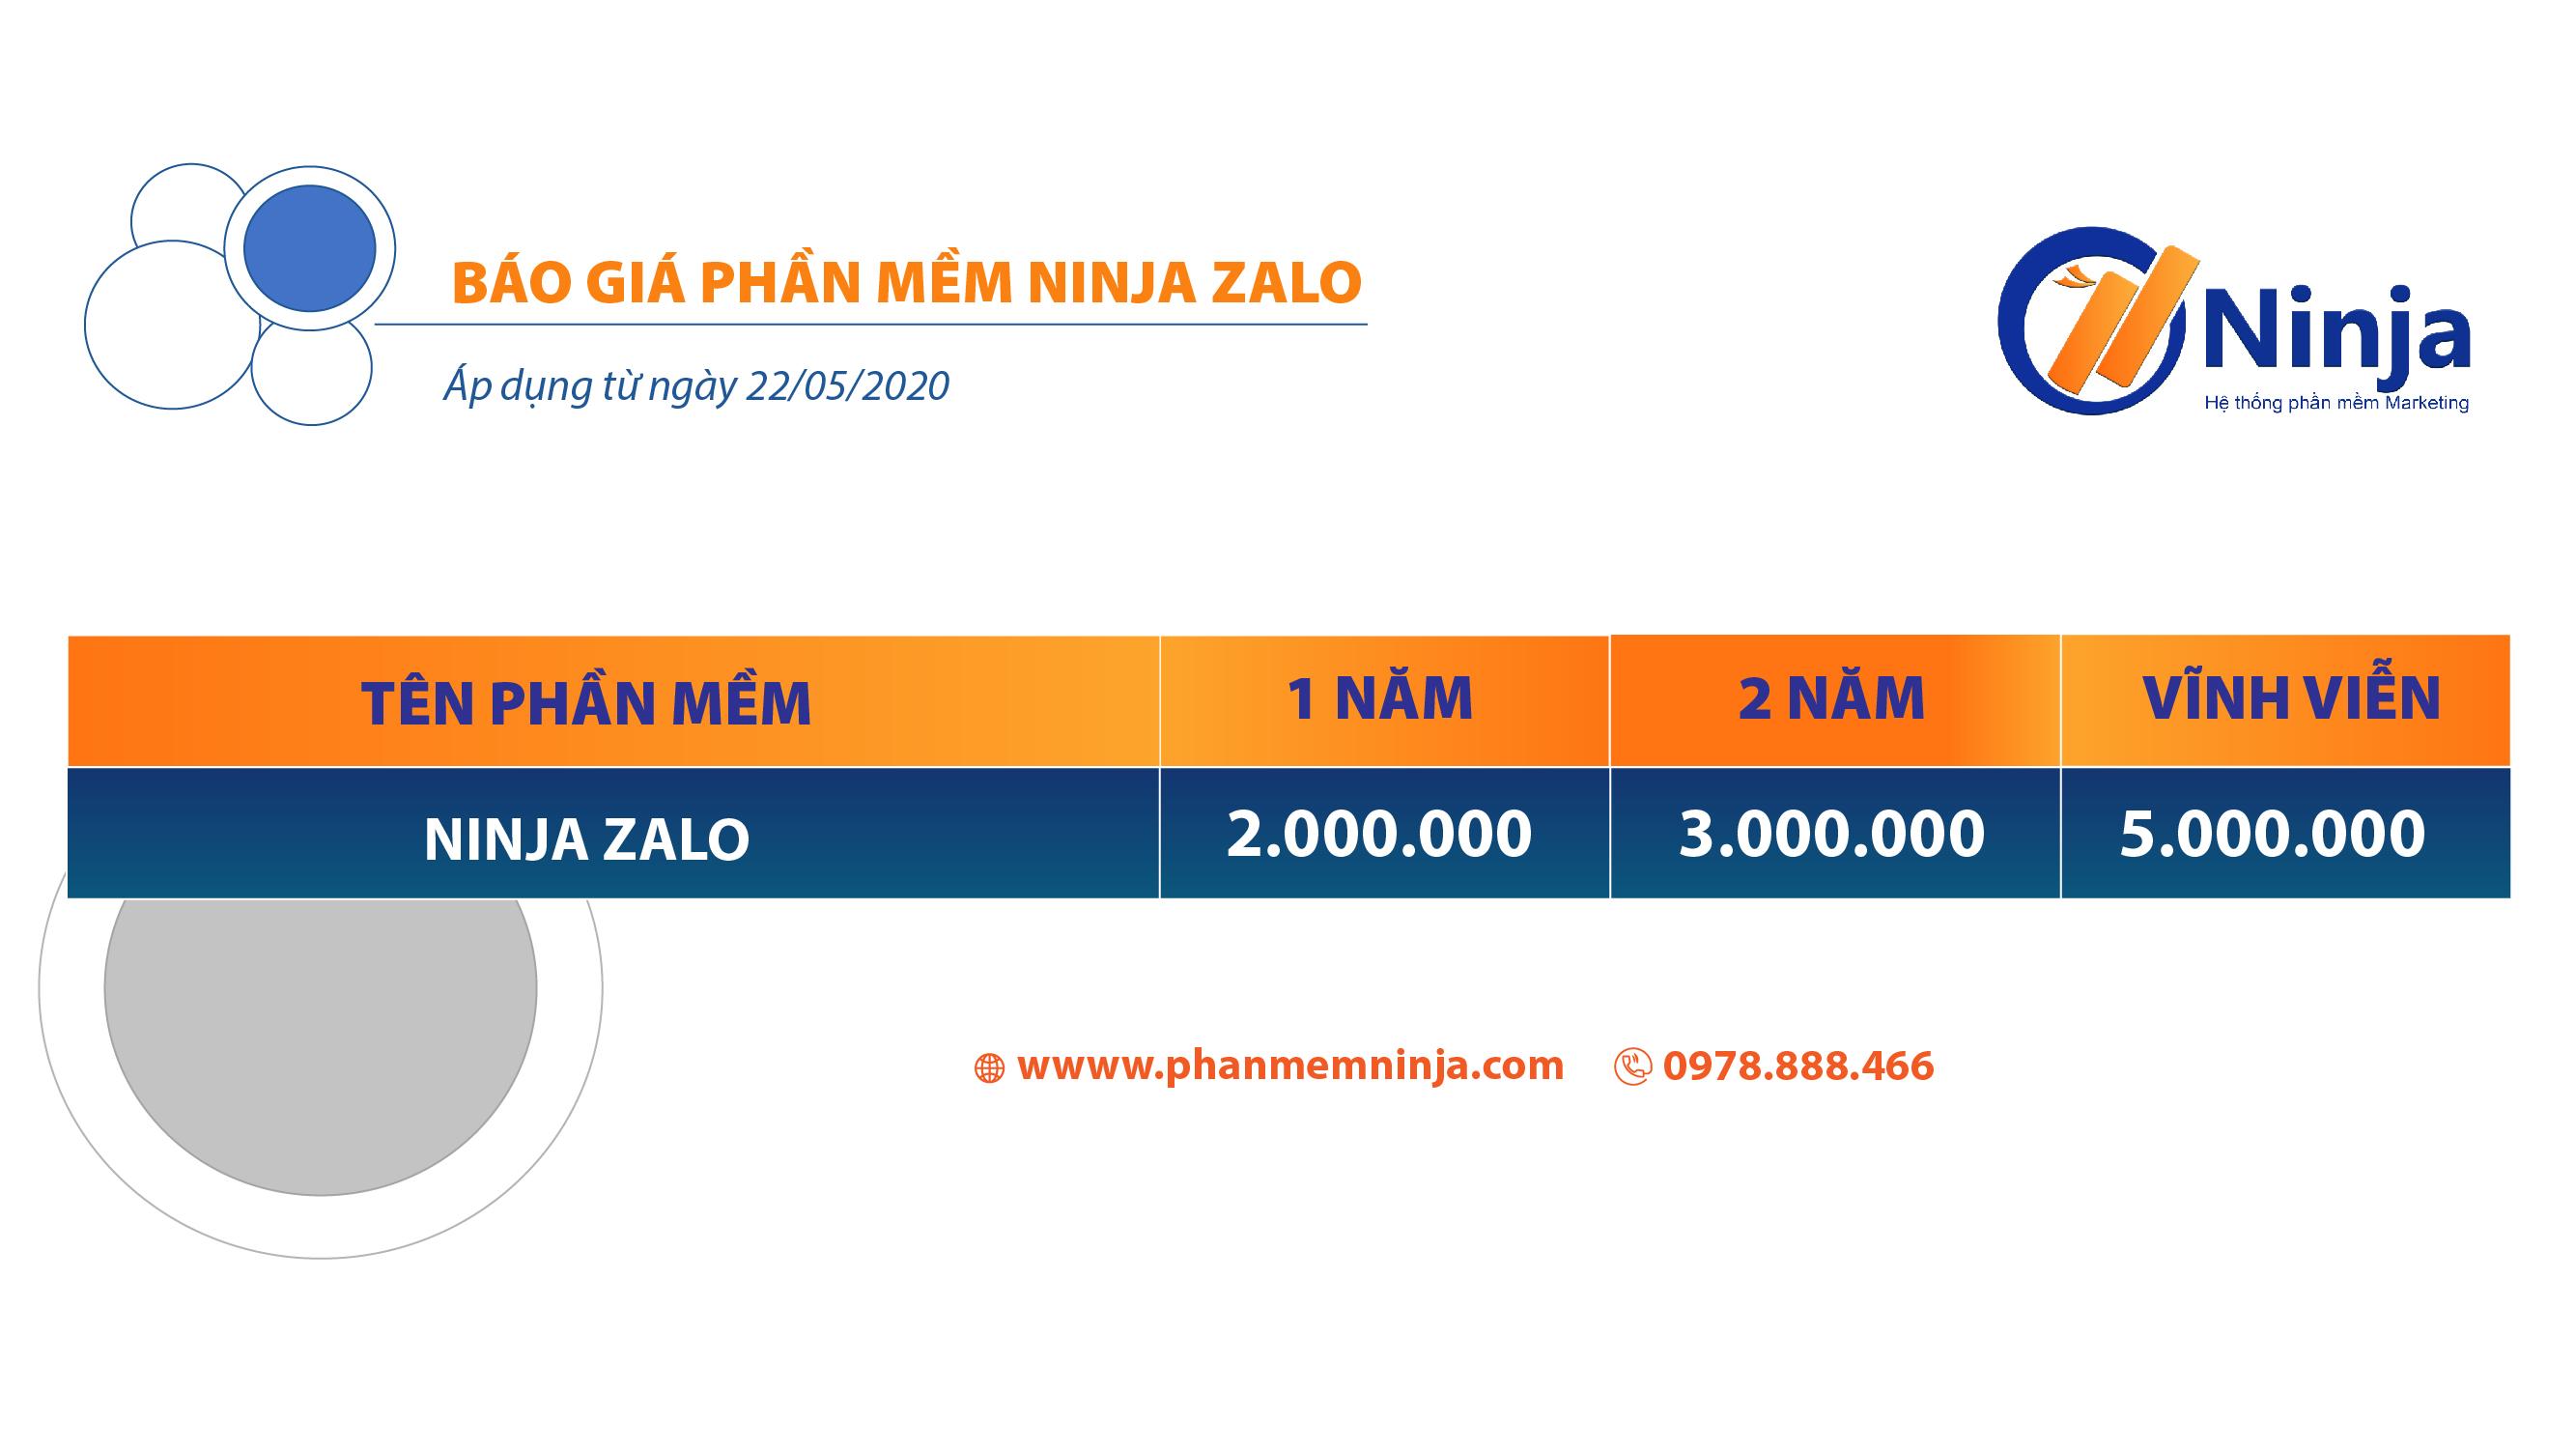 ninja zalo 1 Top 5 phần mềm zalo marketing giúp tăng hiệu suất bán hàng 200%